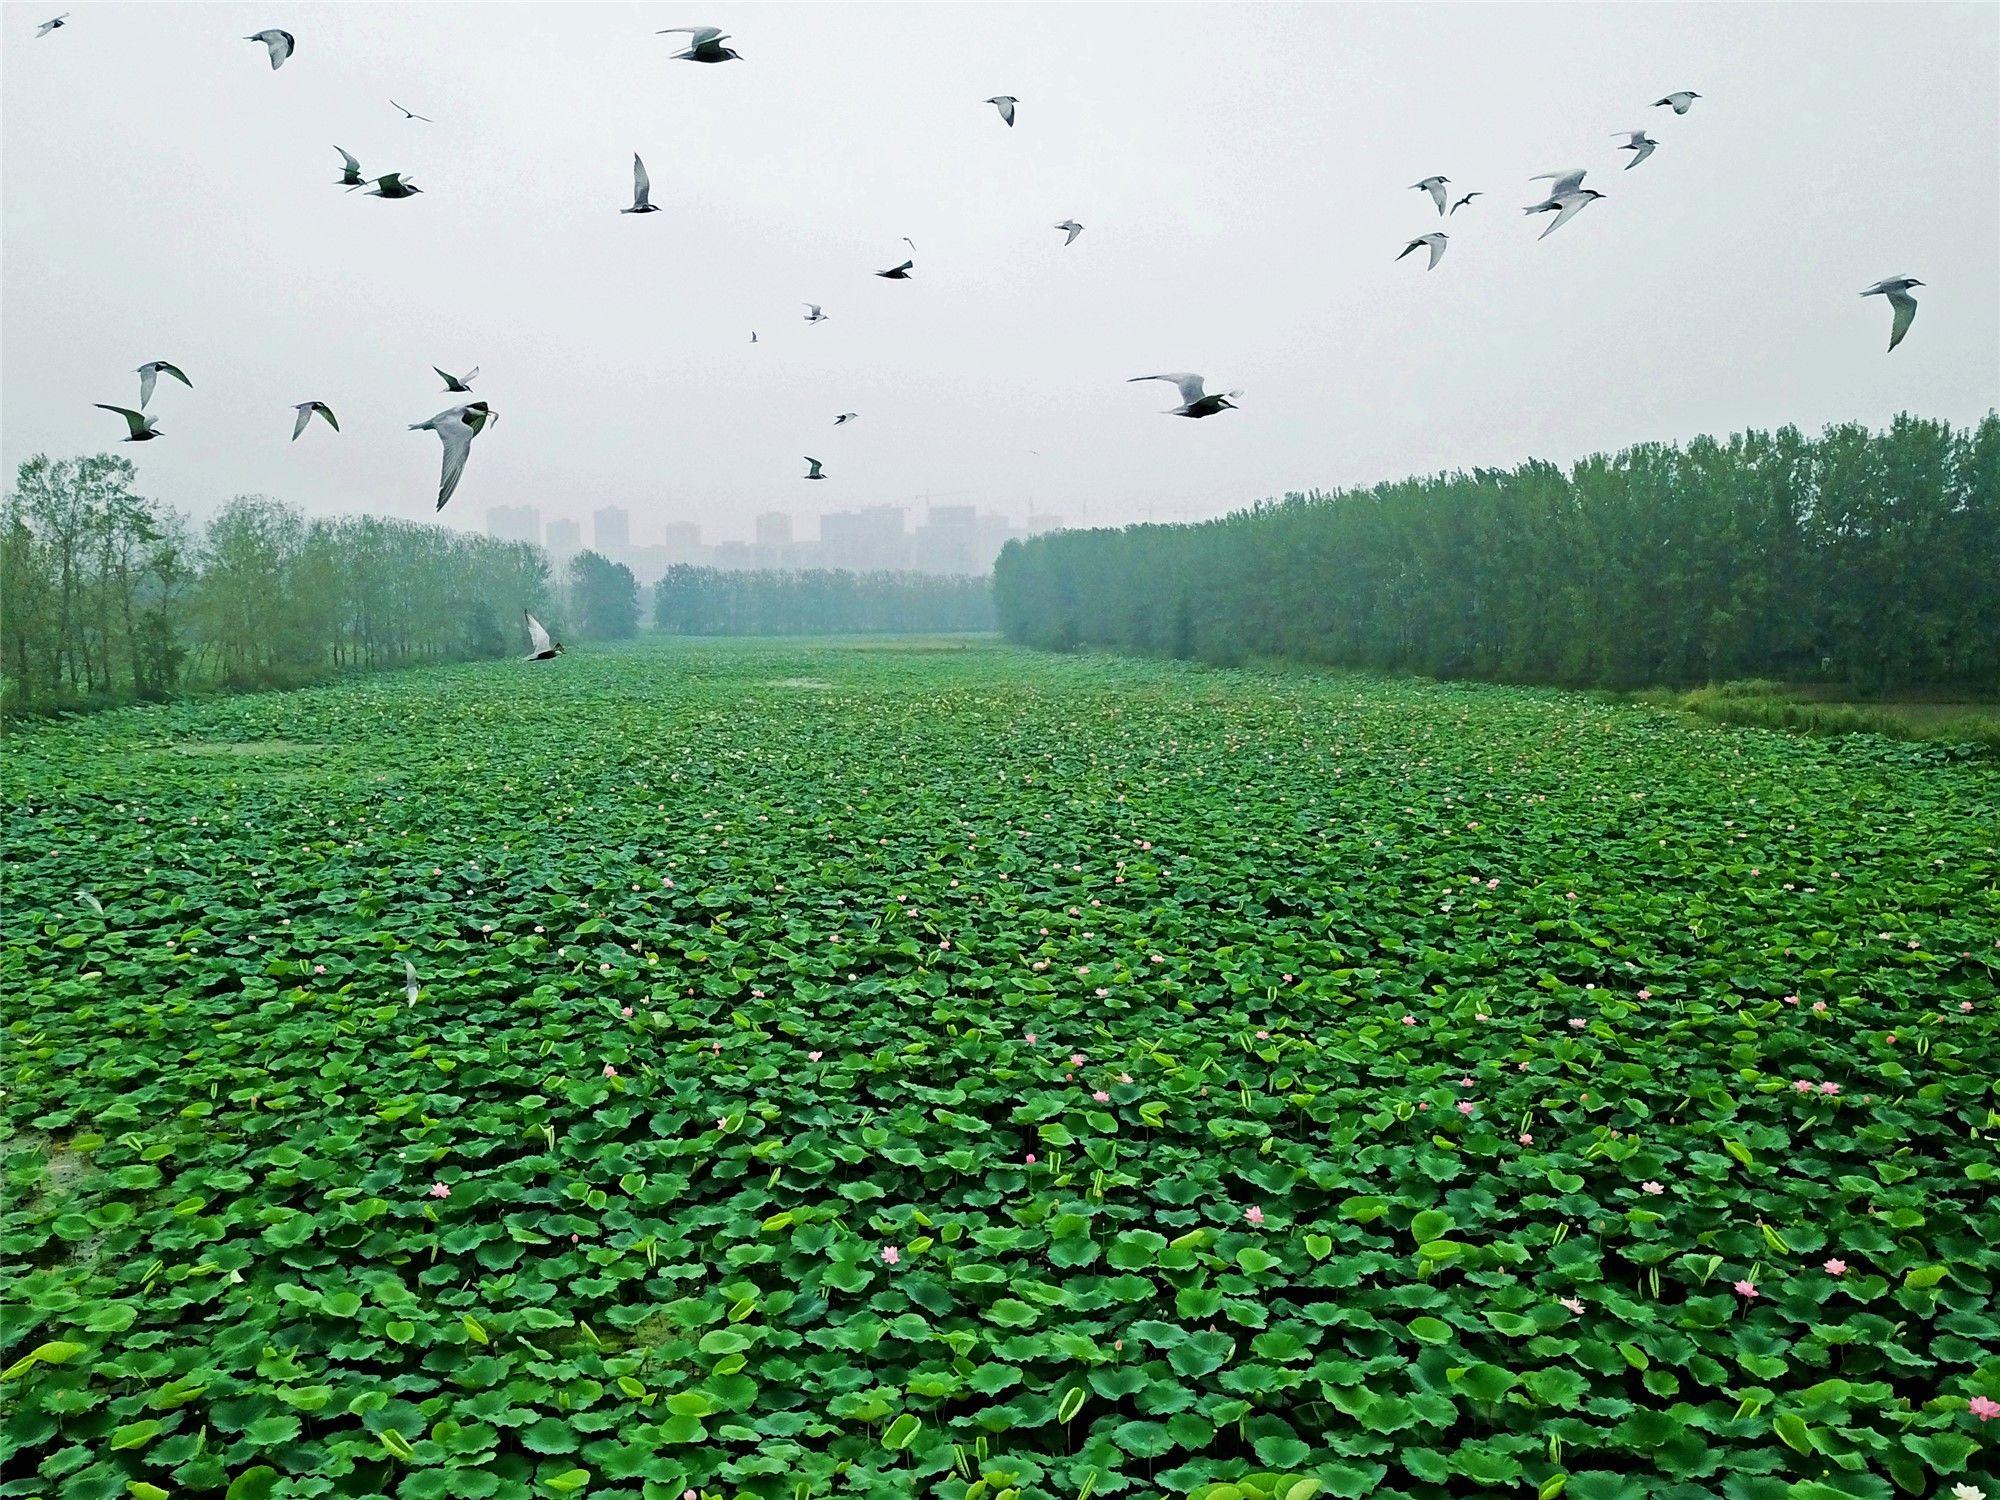 28.湿地生态美